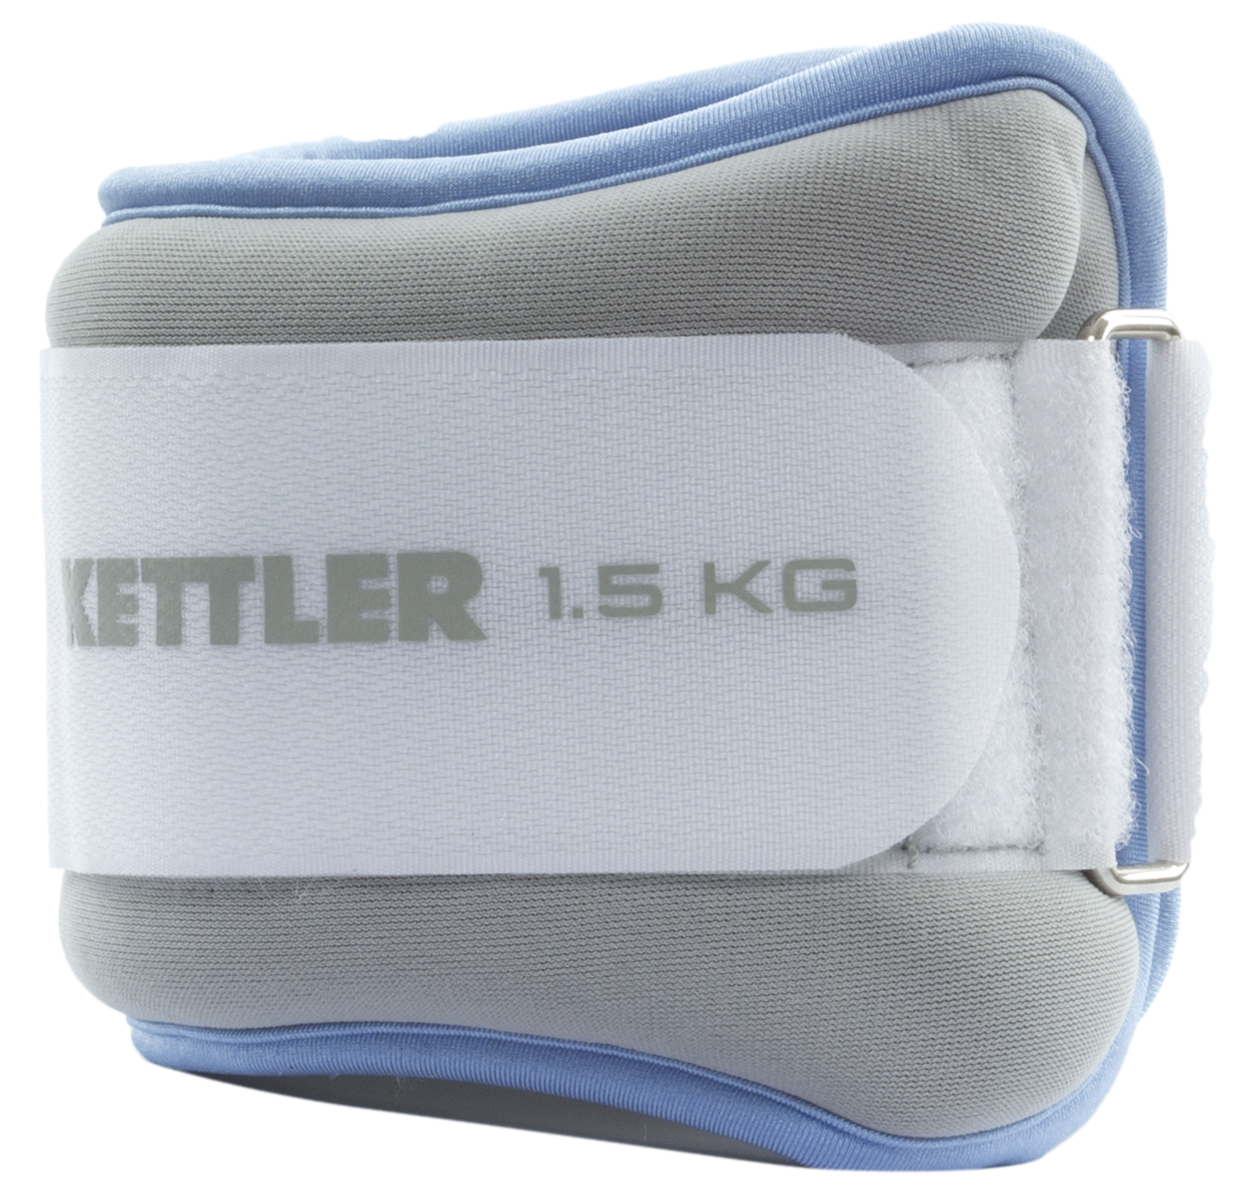 купить Kettler Утяжелитель для ног Kettler, 2 х 1,5 кг недорого